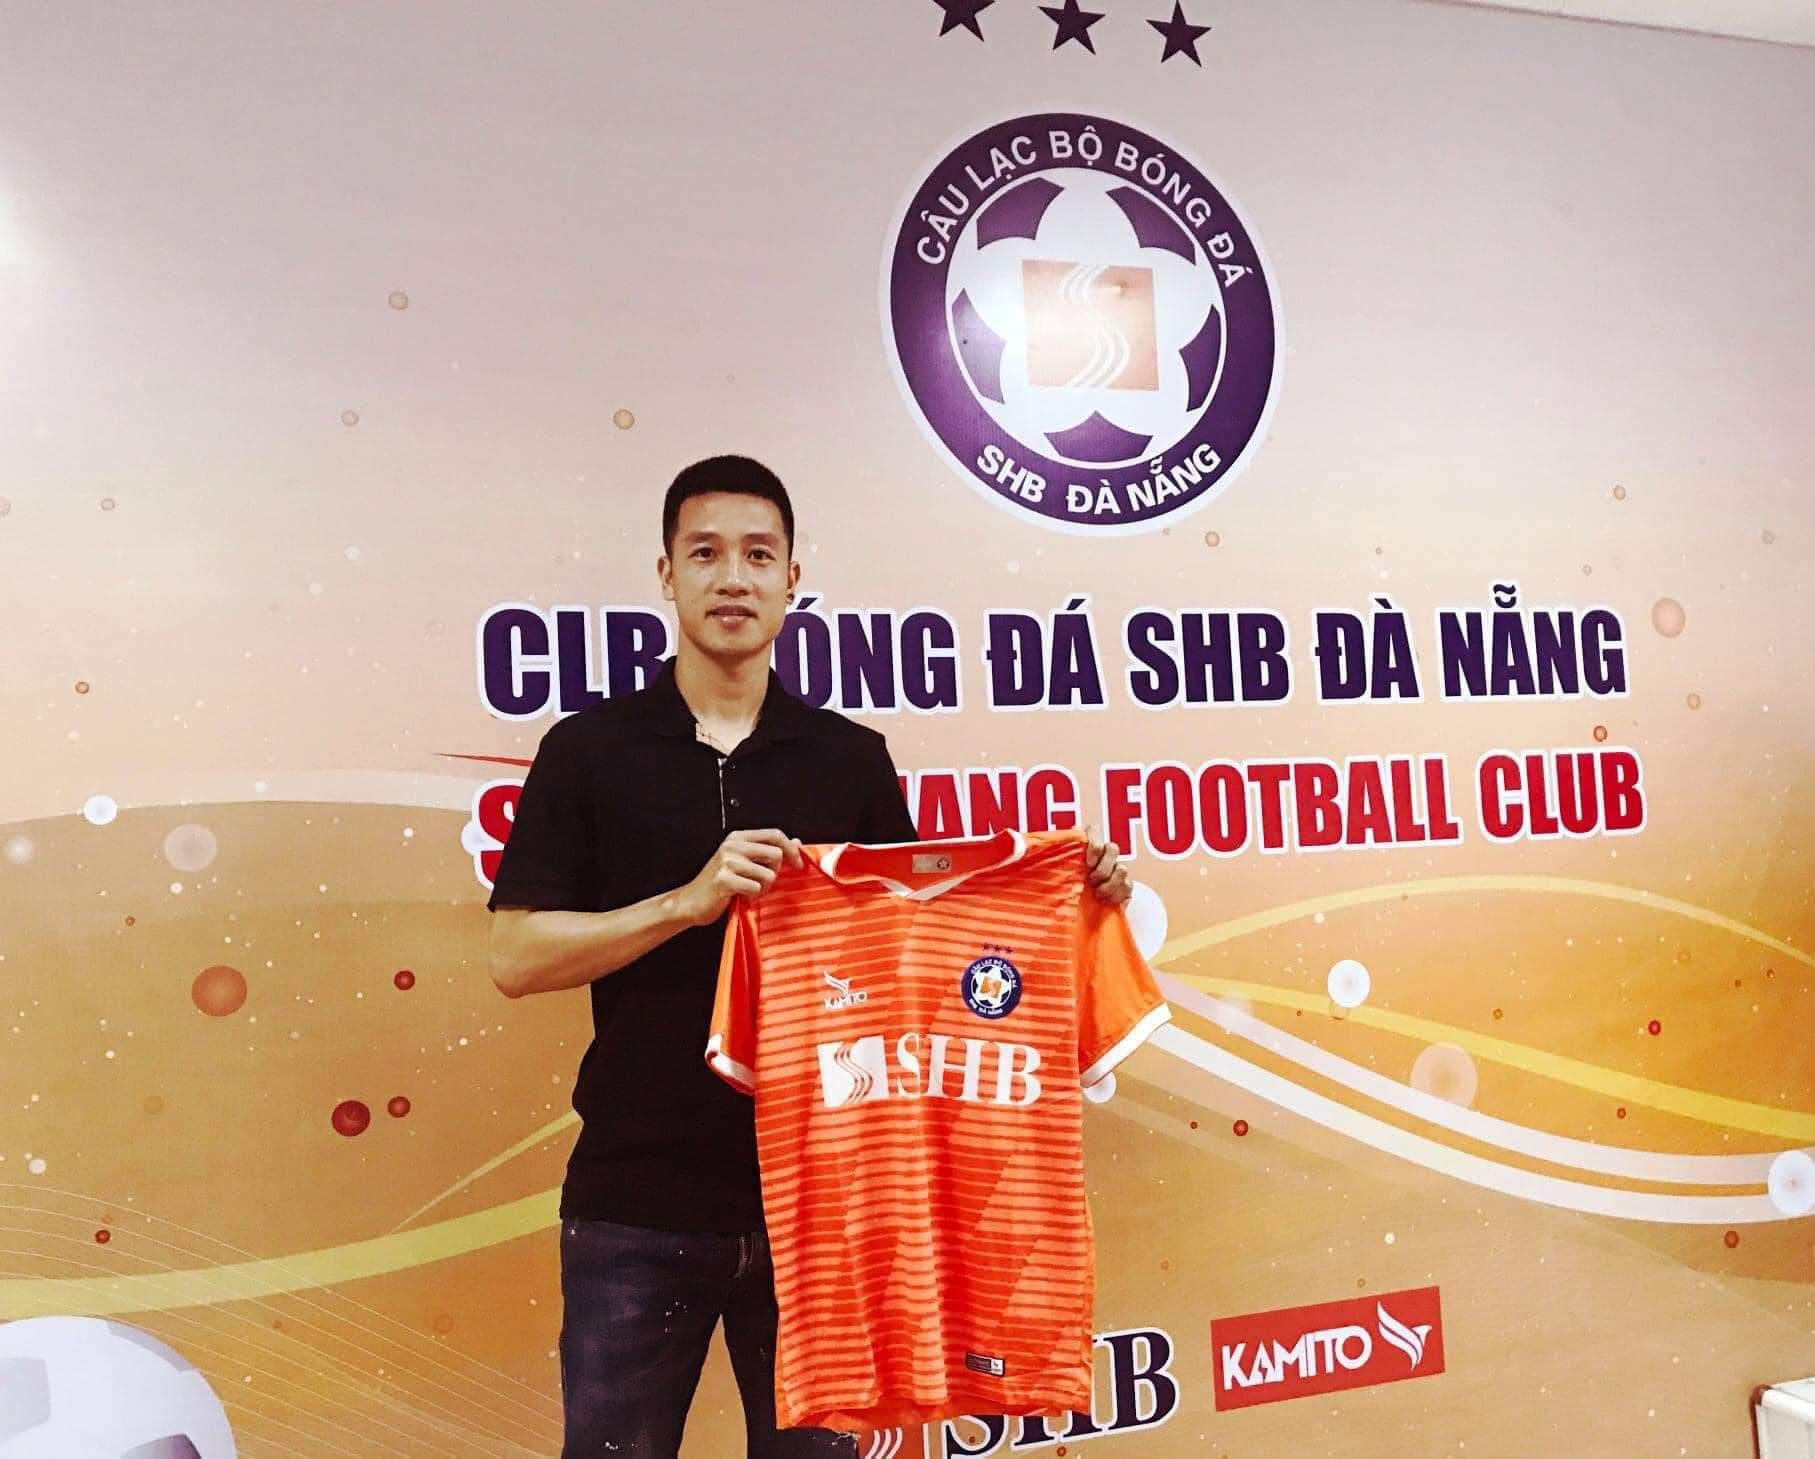 Tuyển thủ Việt Nam Huy Hùng đã cập bến SHB.Đà Nẵng ngay khi vòng quay chuyển nhượng V.League bắt đầu.